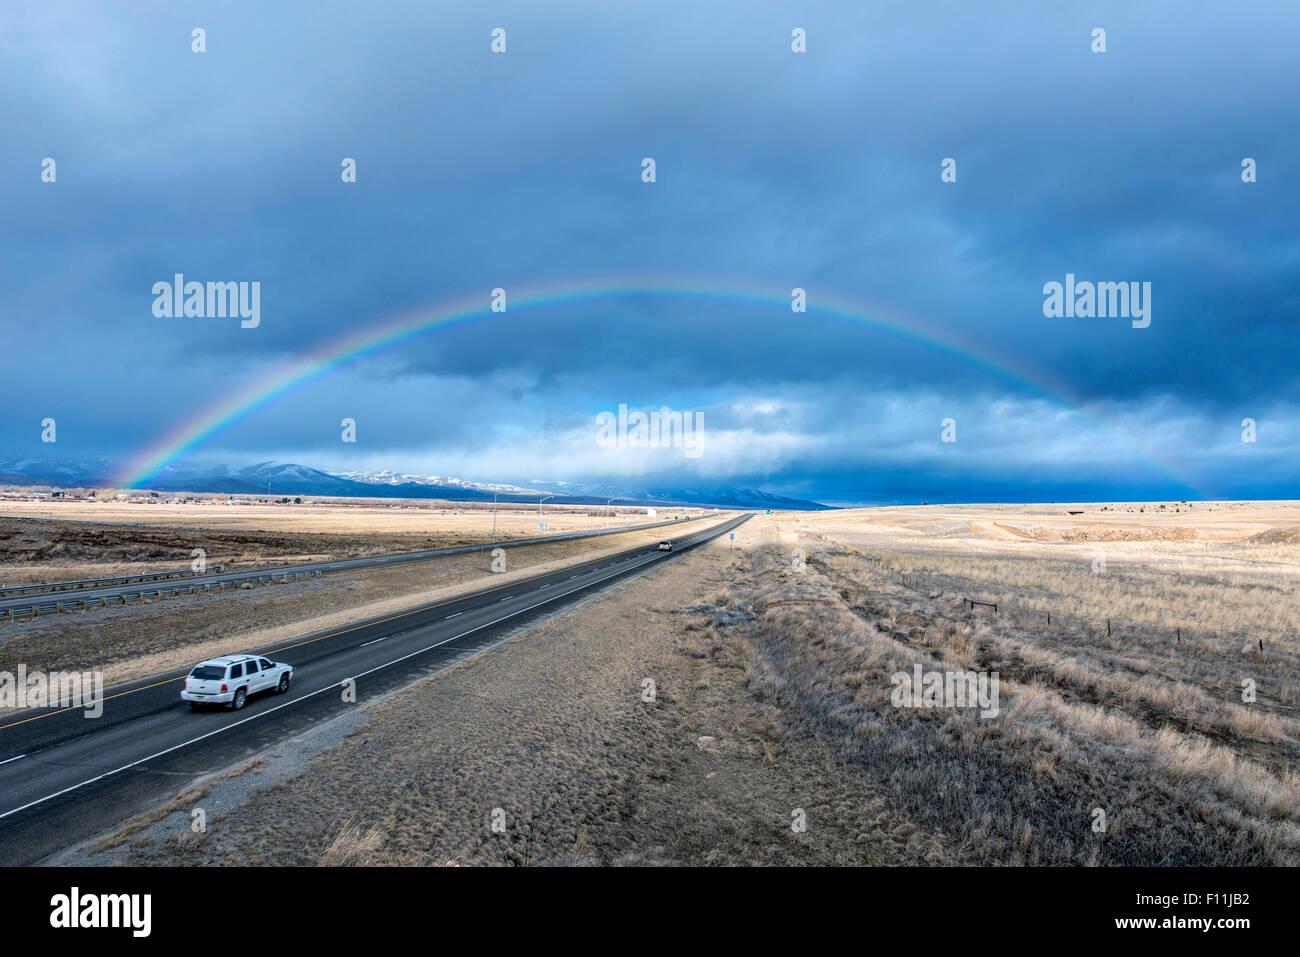 Un alto ángulo de visualización del automóvil a rainbow en remoto camino Imagen De Stock